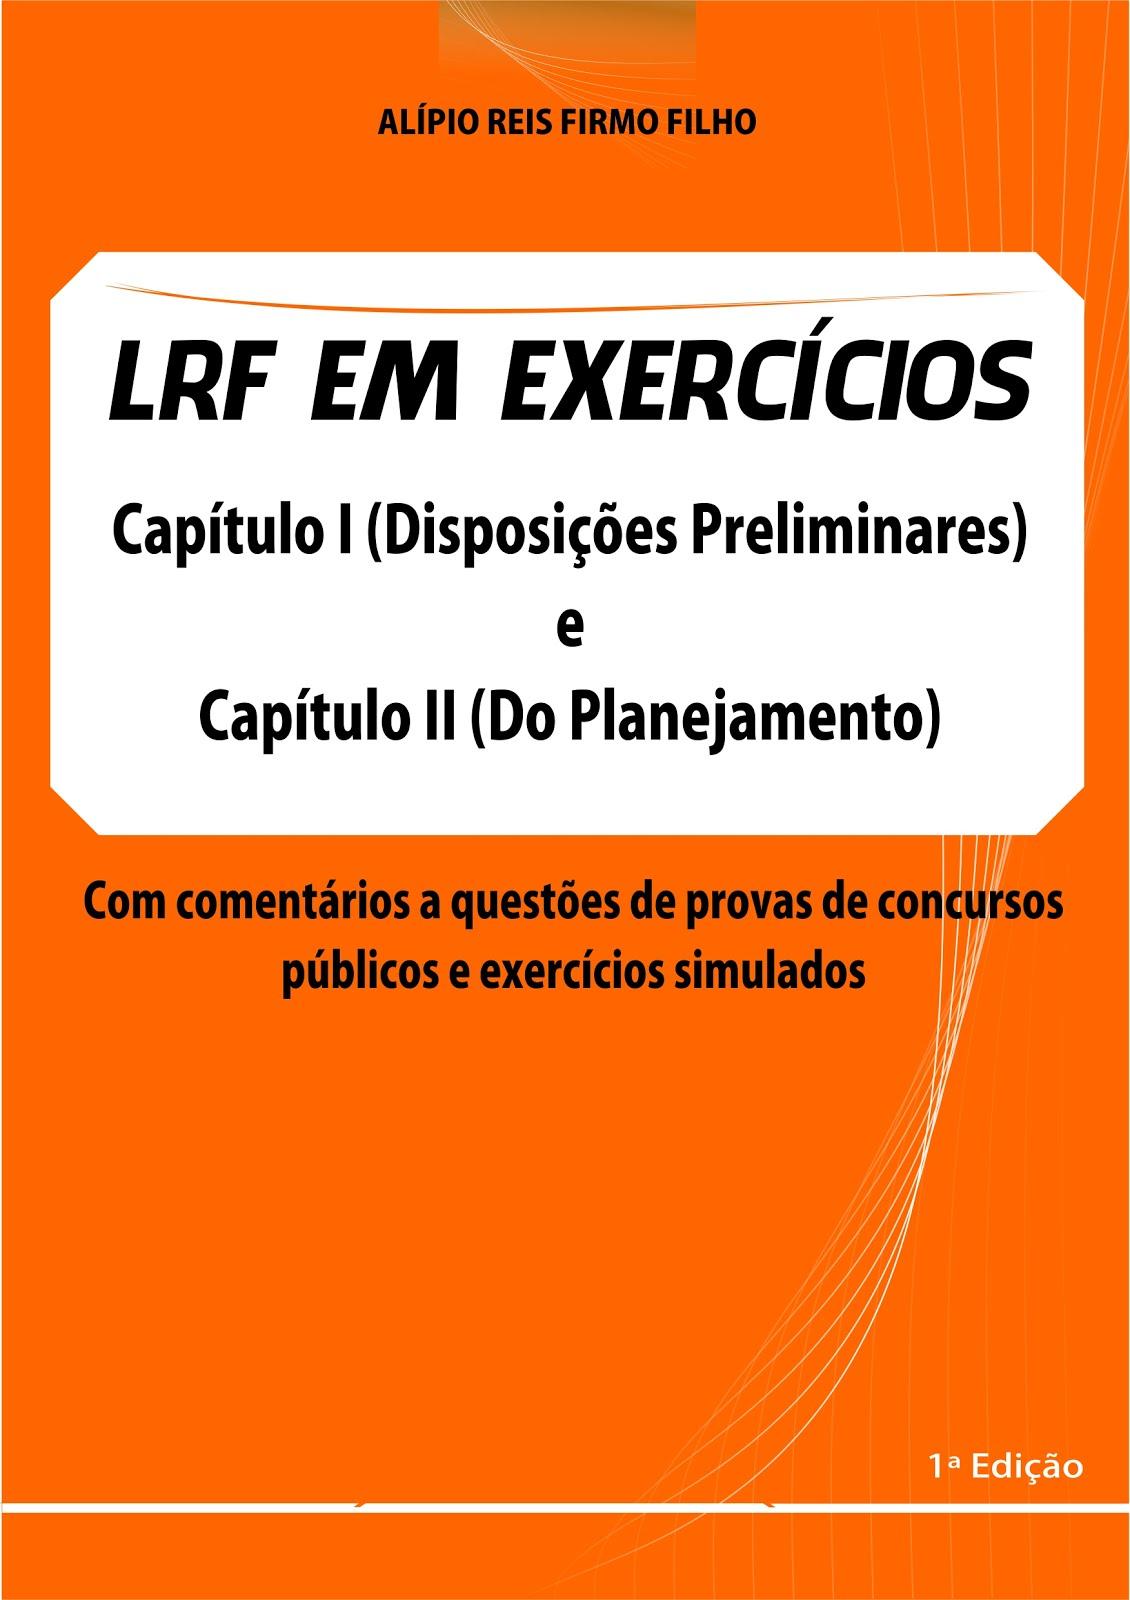 LRF EM EXERCÍCIOS